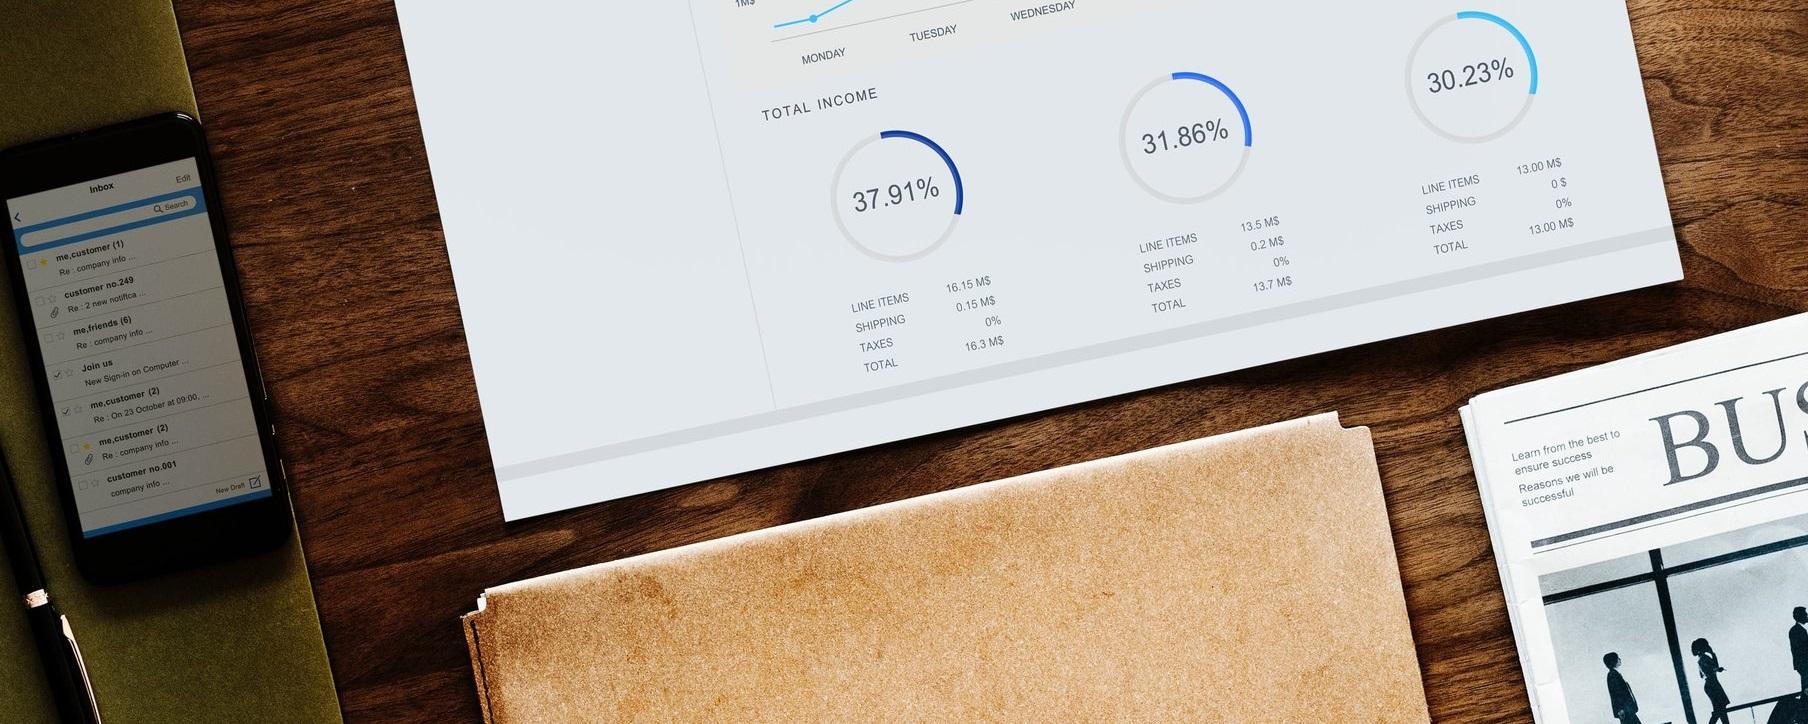 Повече данни, повече информация, повече възможности. Защо данните са новото злато в икономиката?